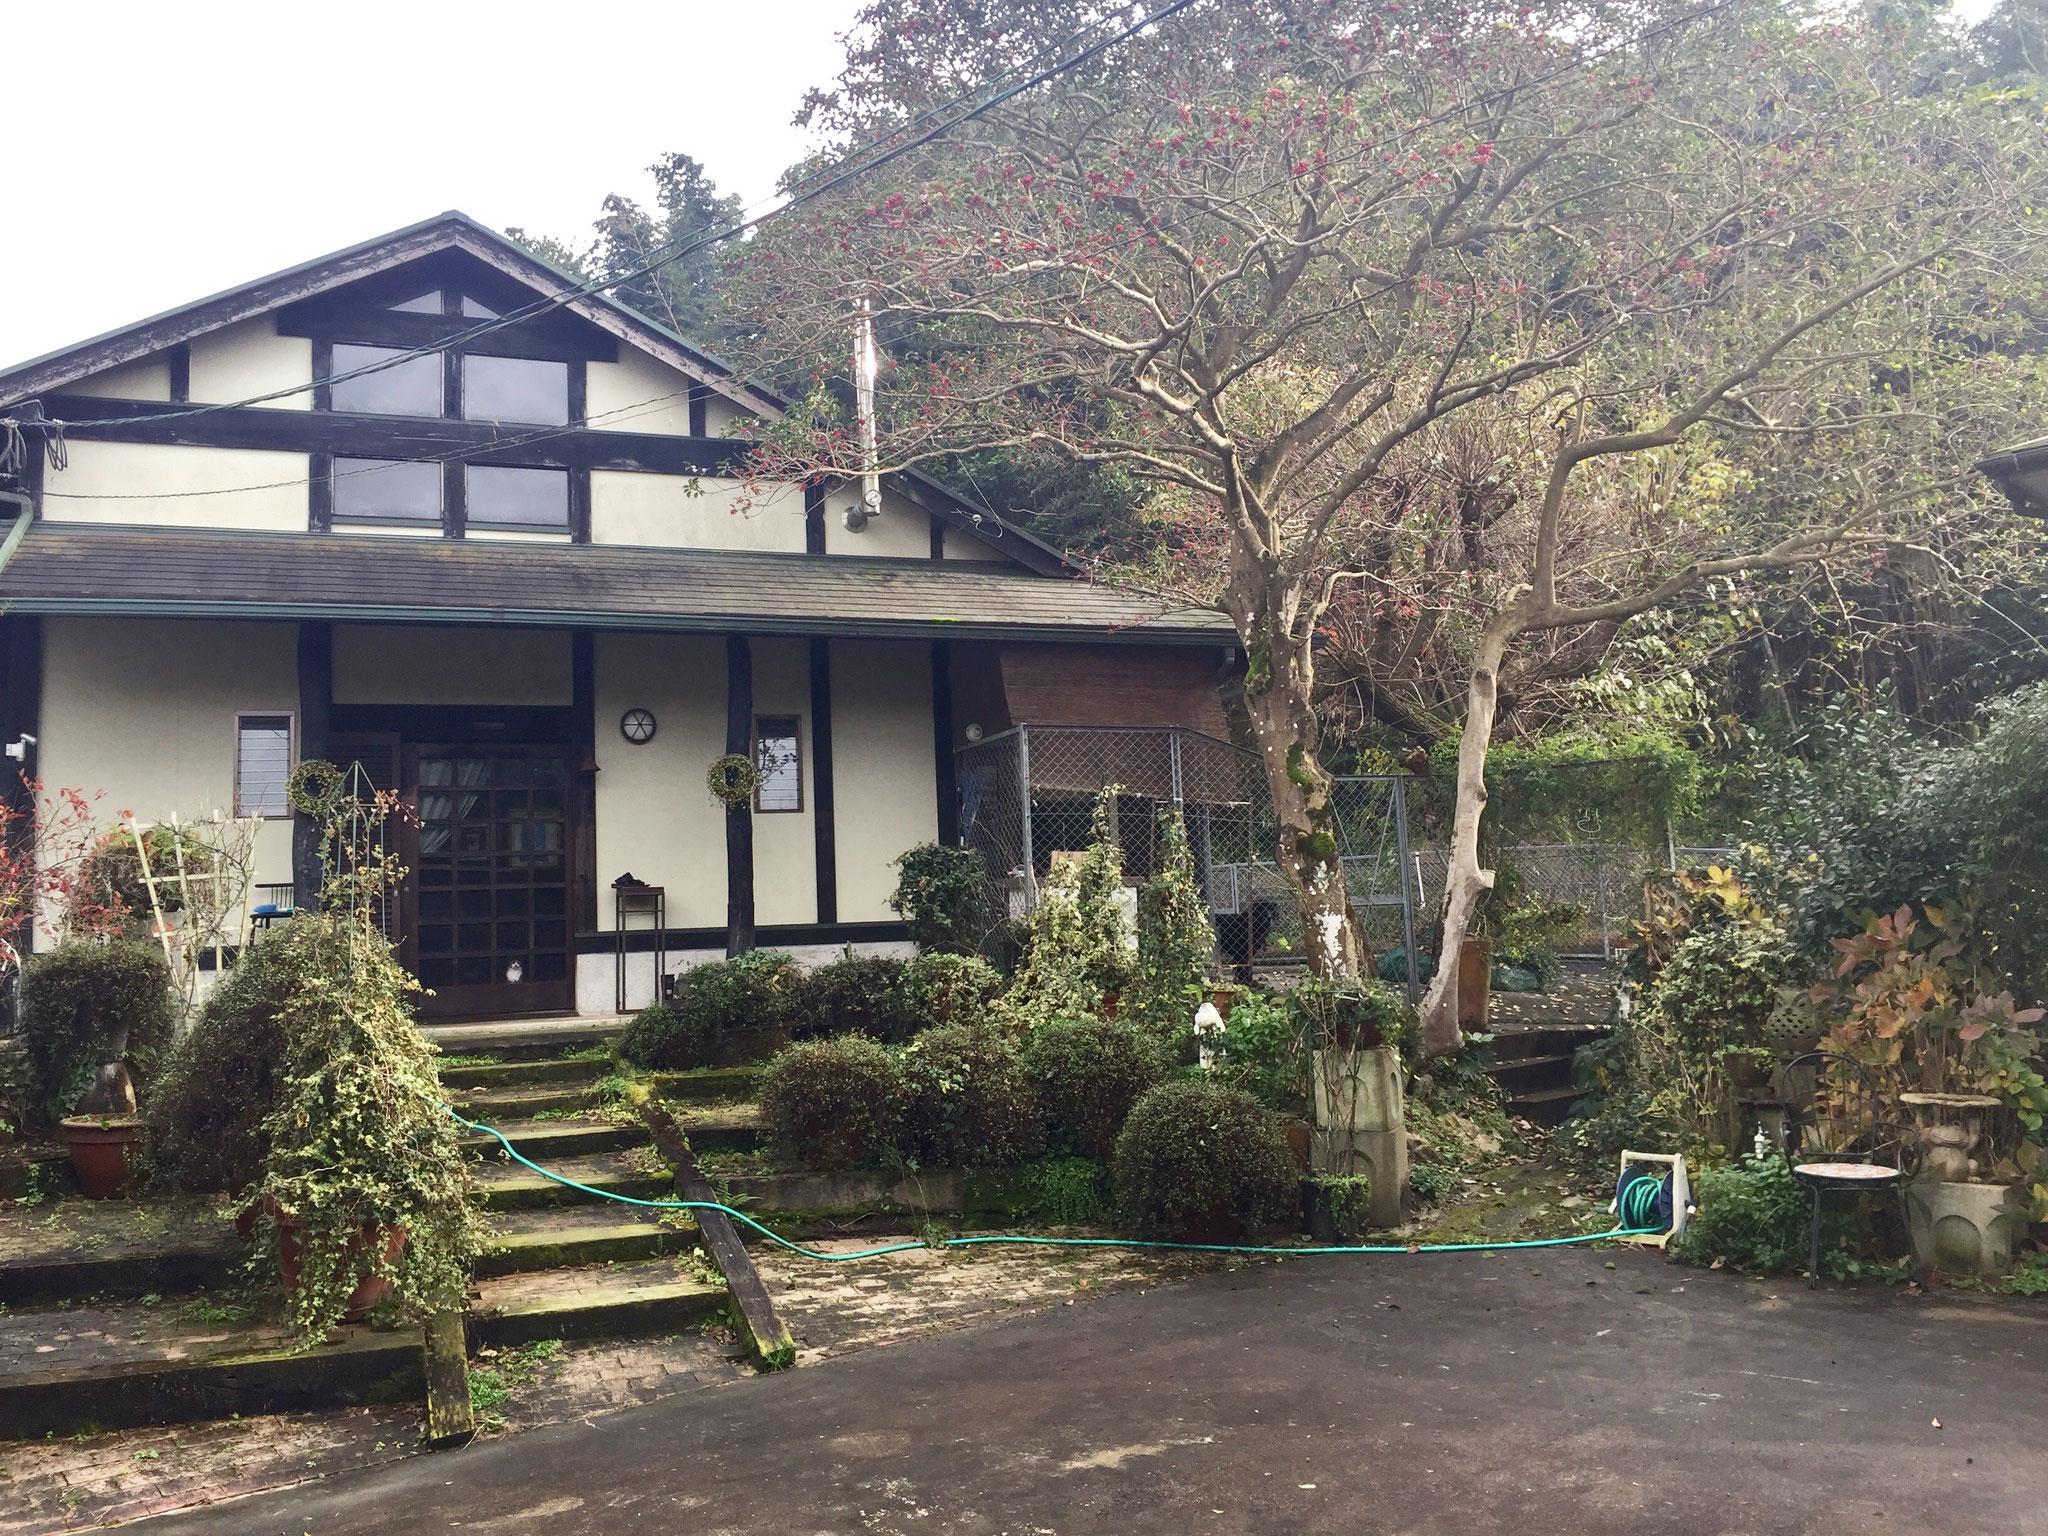 ペットと泊まれるお家と同じ敷地内に、オーナーの自宅はあります。